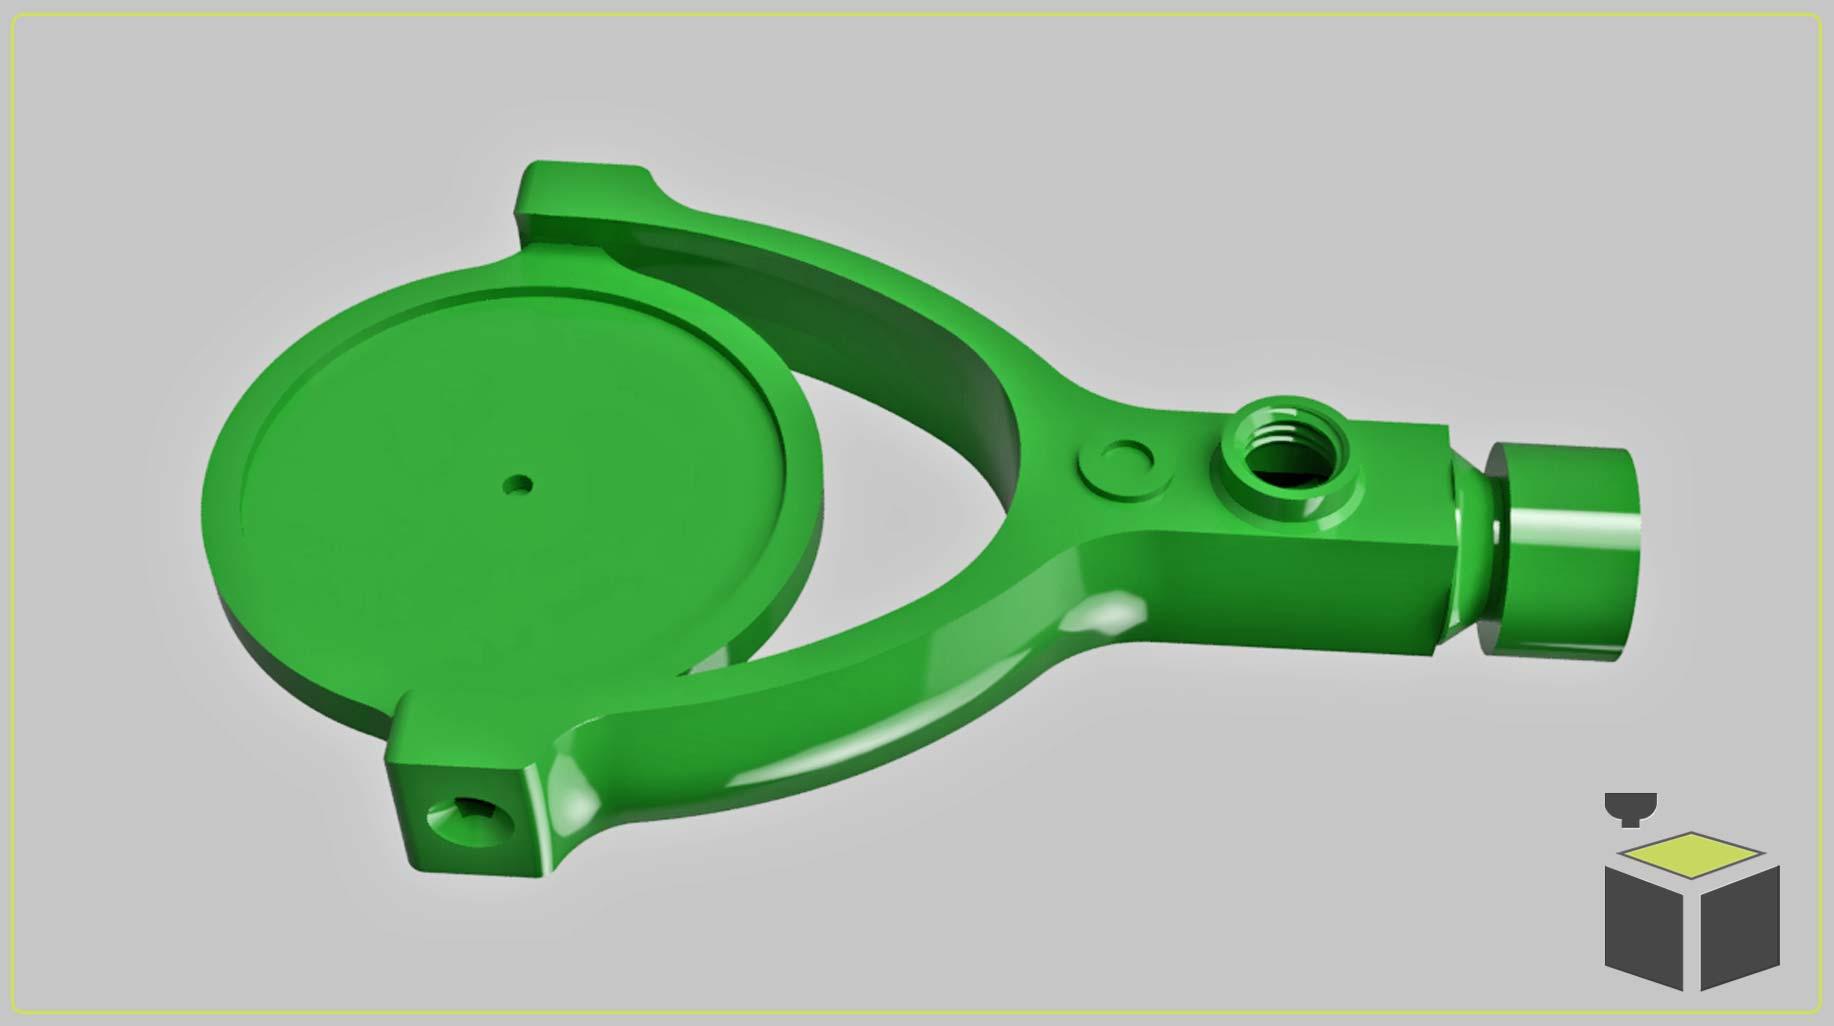 Výroba funkčných dielov 3D tlačou